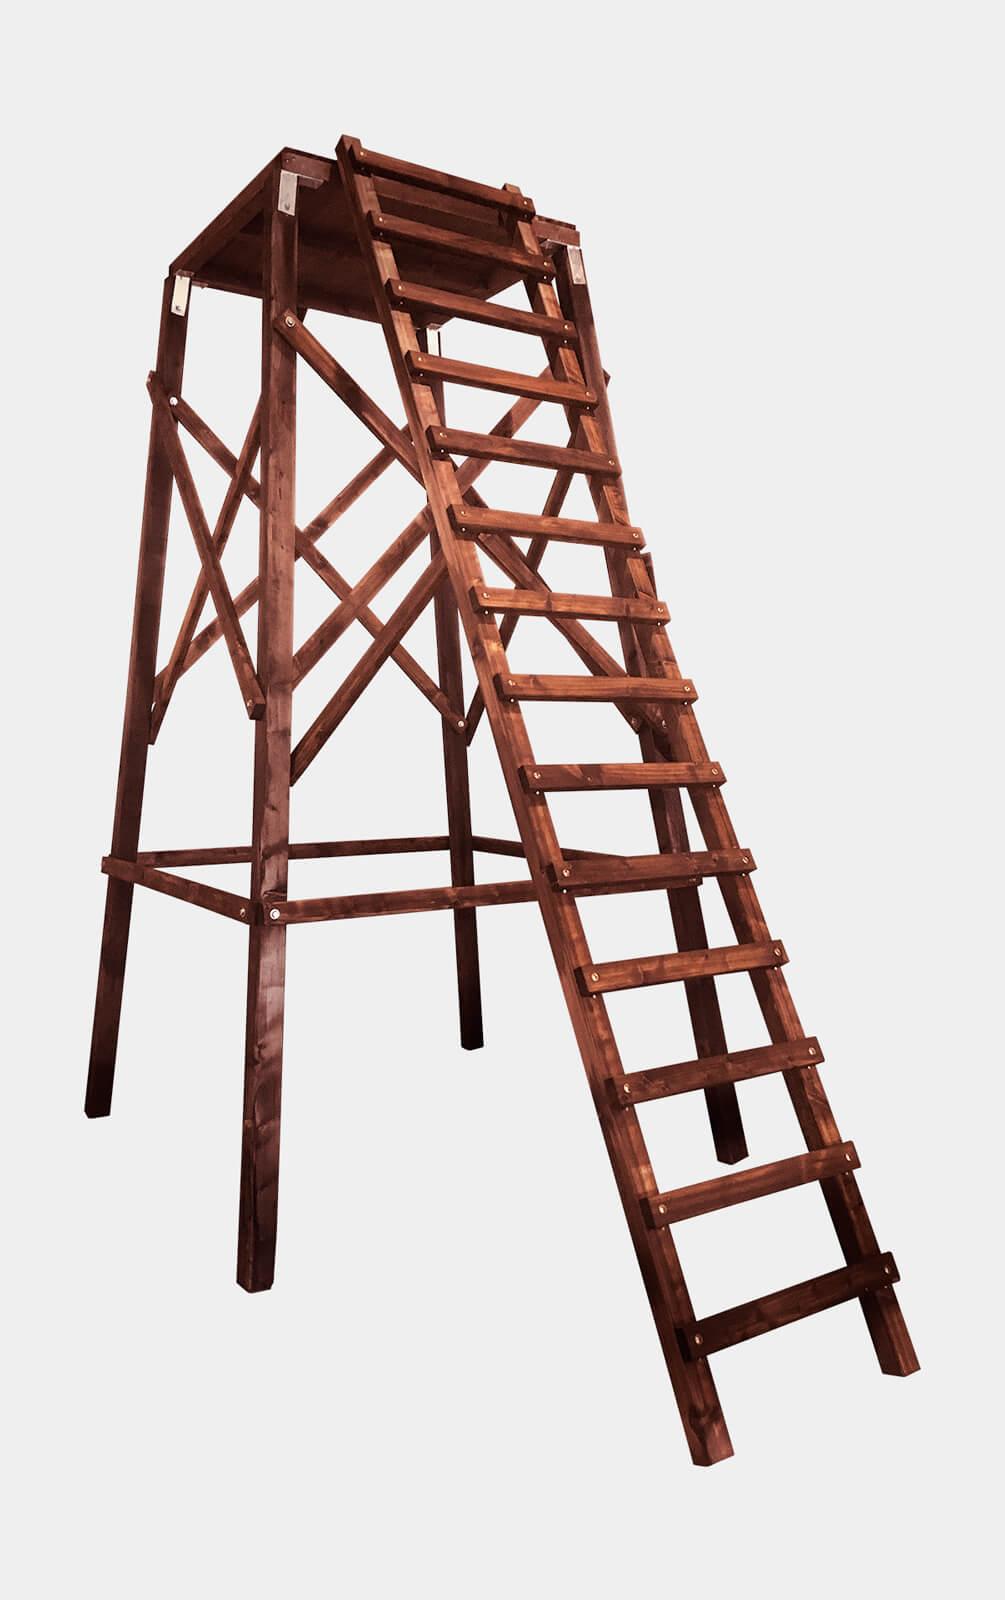 kantholz unterbau h 350 cm holme lang leiter lang holz raum holzbau f r jagd und hund. Black Bedroom Furniture Sets. Home Design Ideas